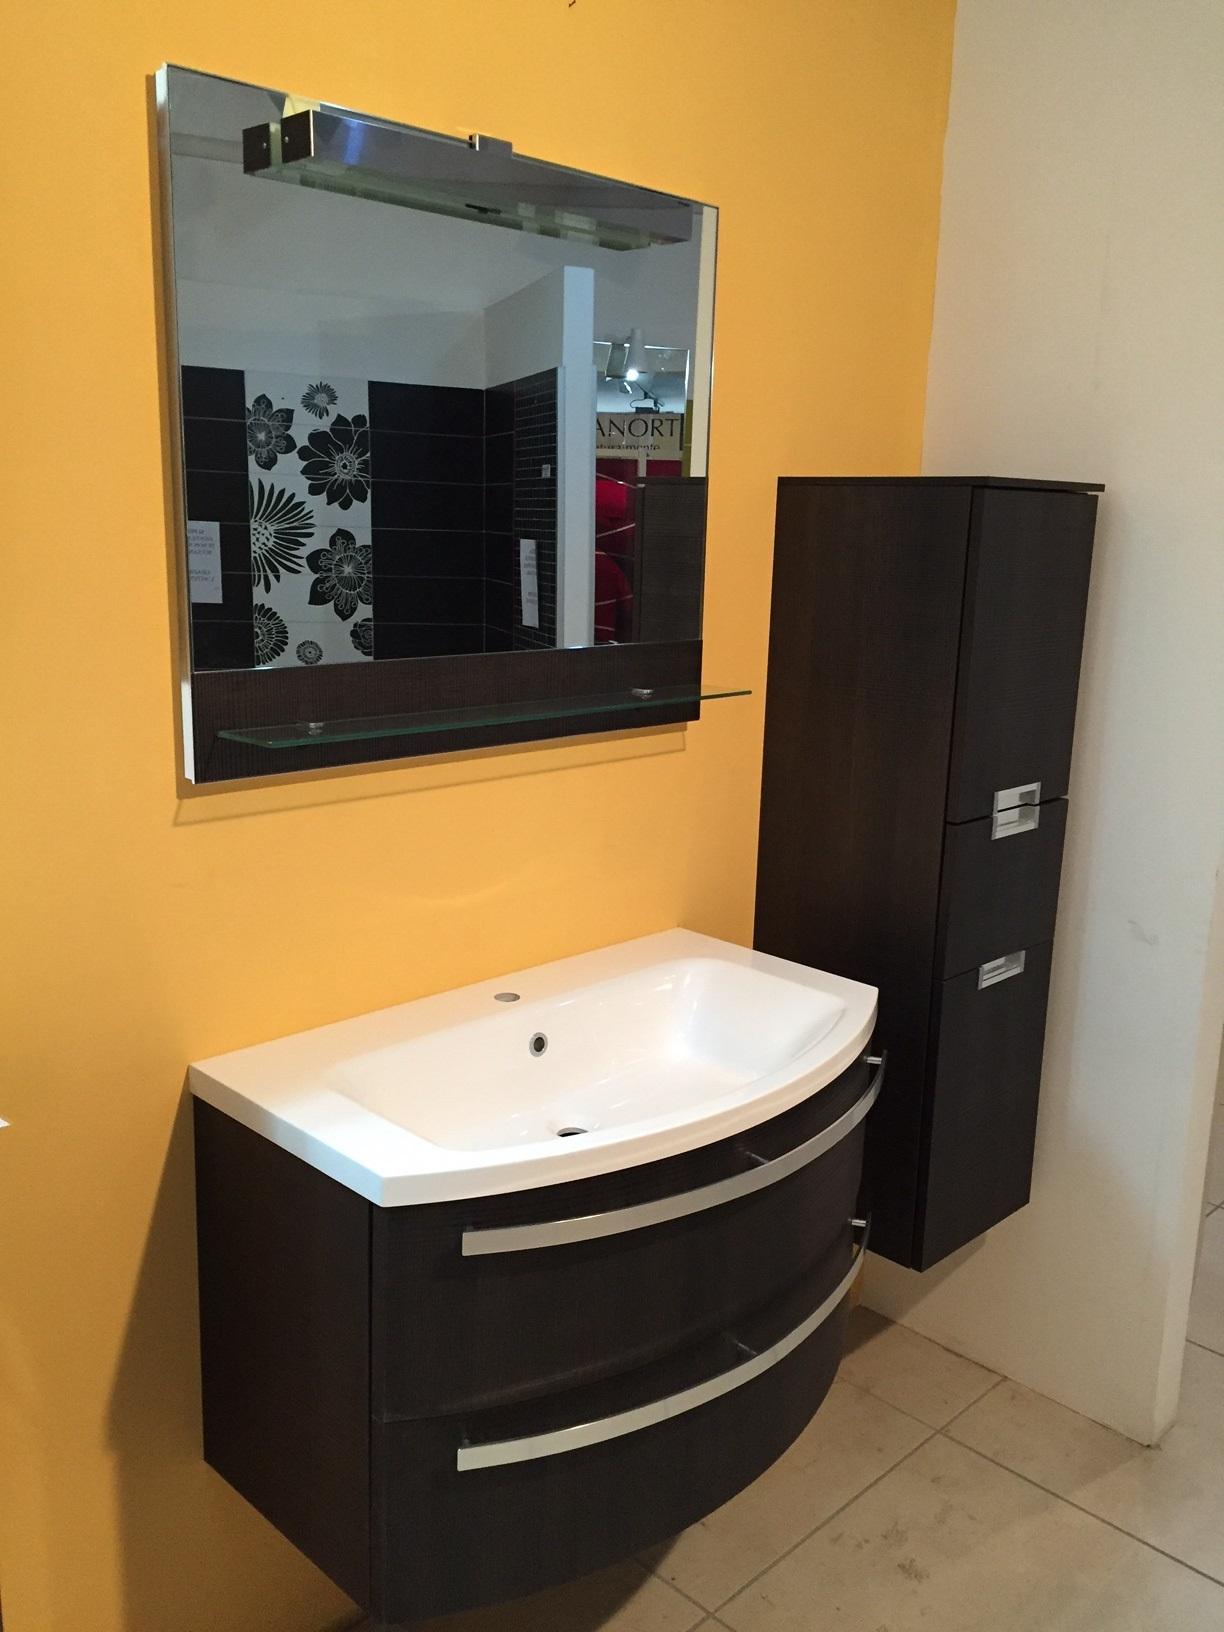 Mobili da bagno ad angolo stunning angoliera mobile ad angolo anta with mobili da bagno ad - Mobili da bagno angolari ...